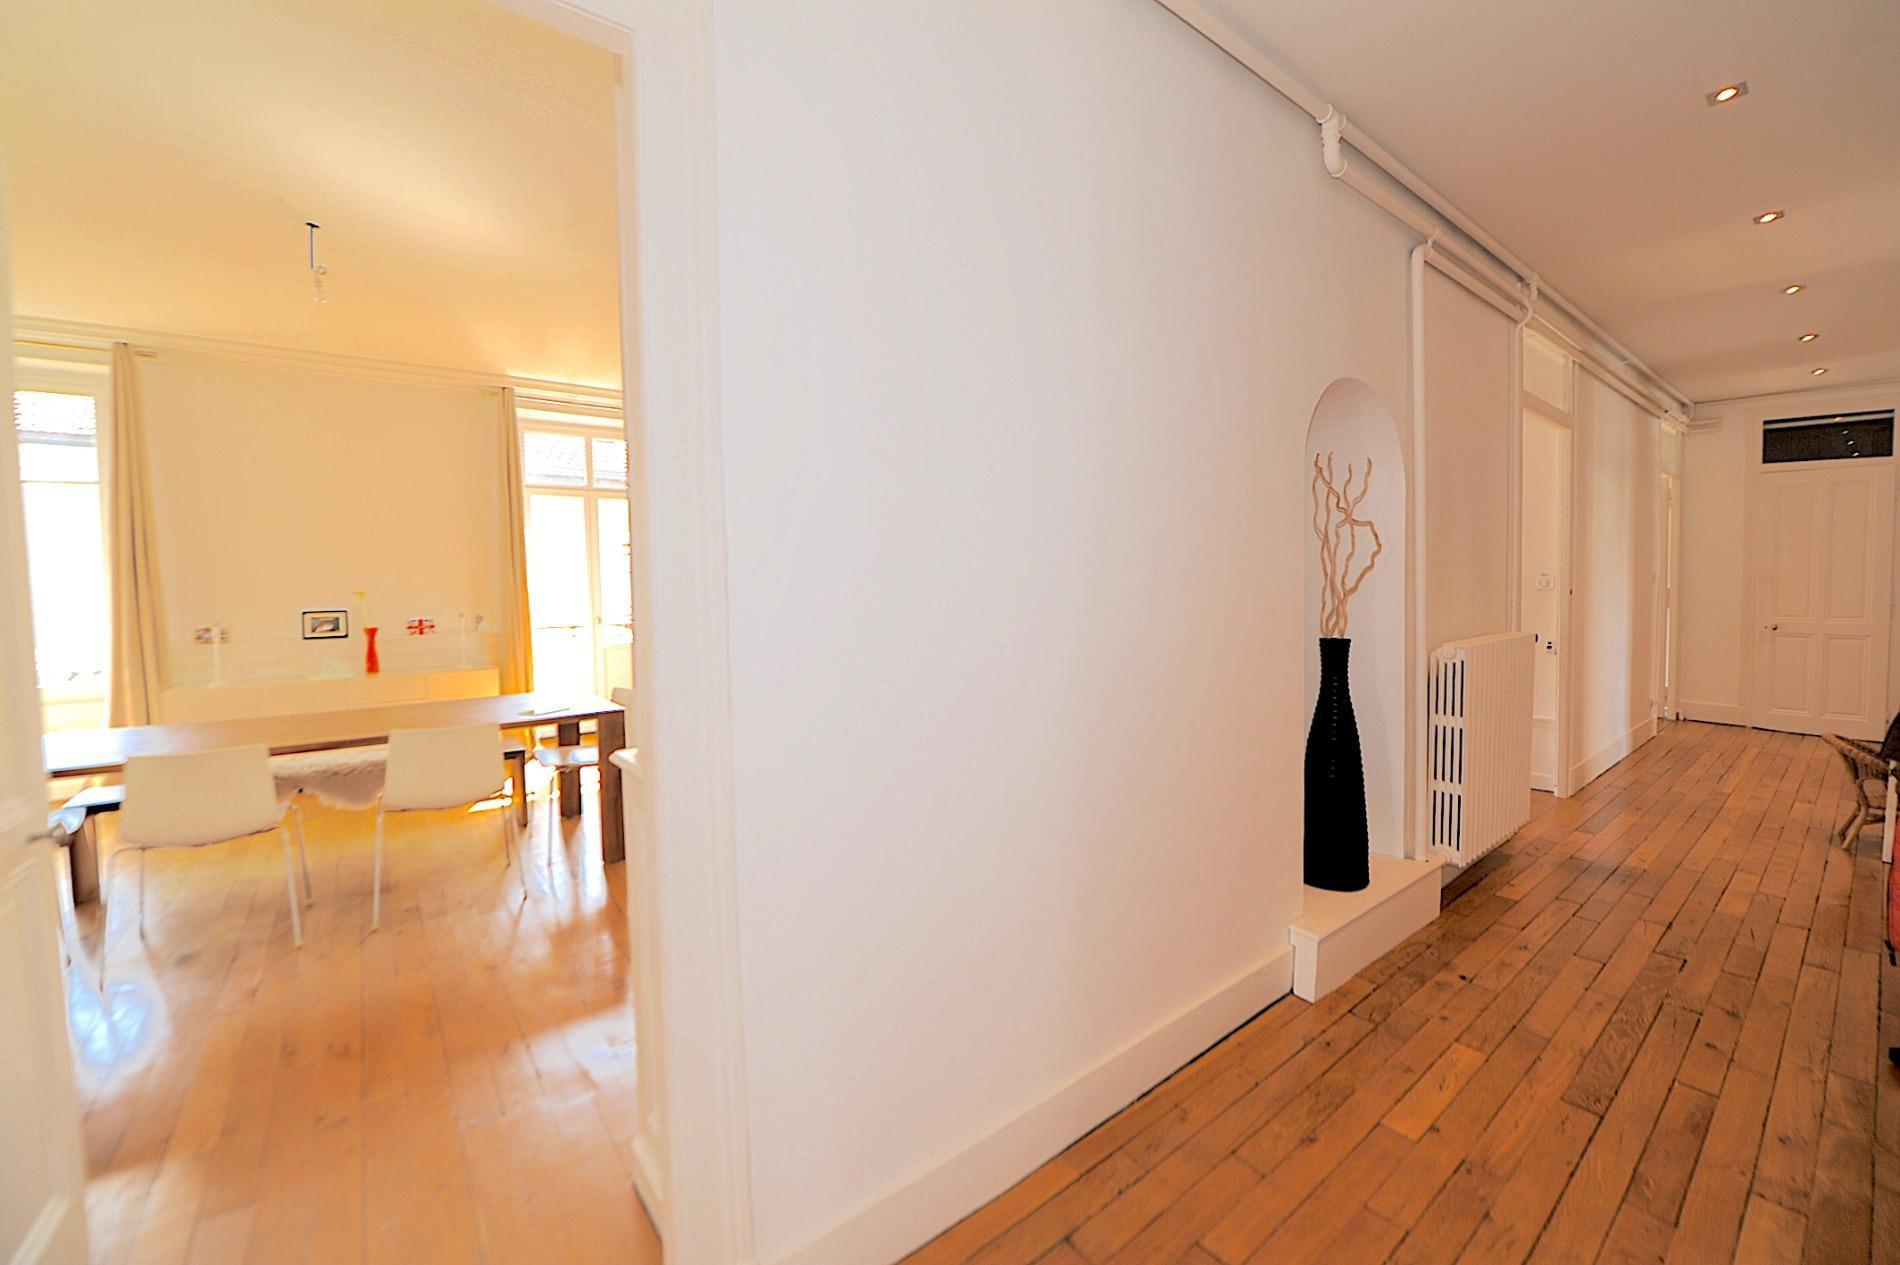 A892- Annecy, centre-ville, splendide appartement de 178m2 Loi Carrez.